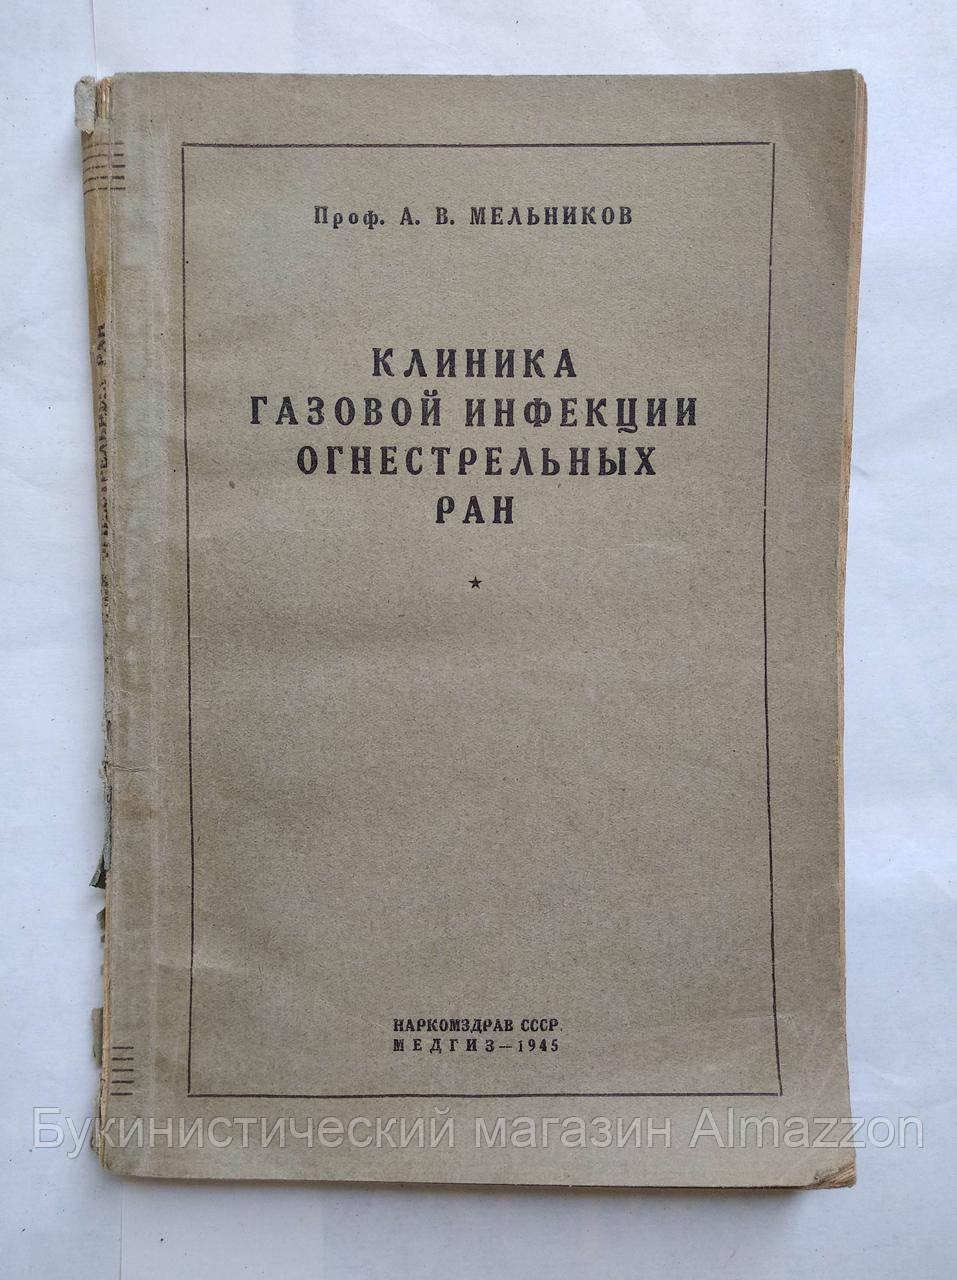 А.Мельников Клиника газовой инфекции огнестрельных ран 1945 год